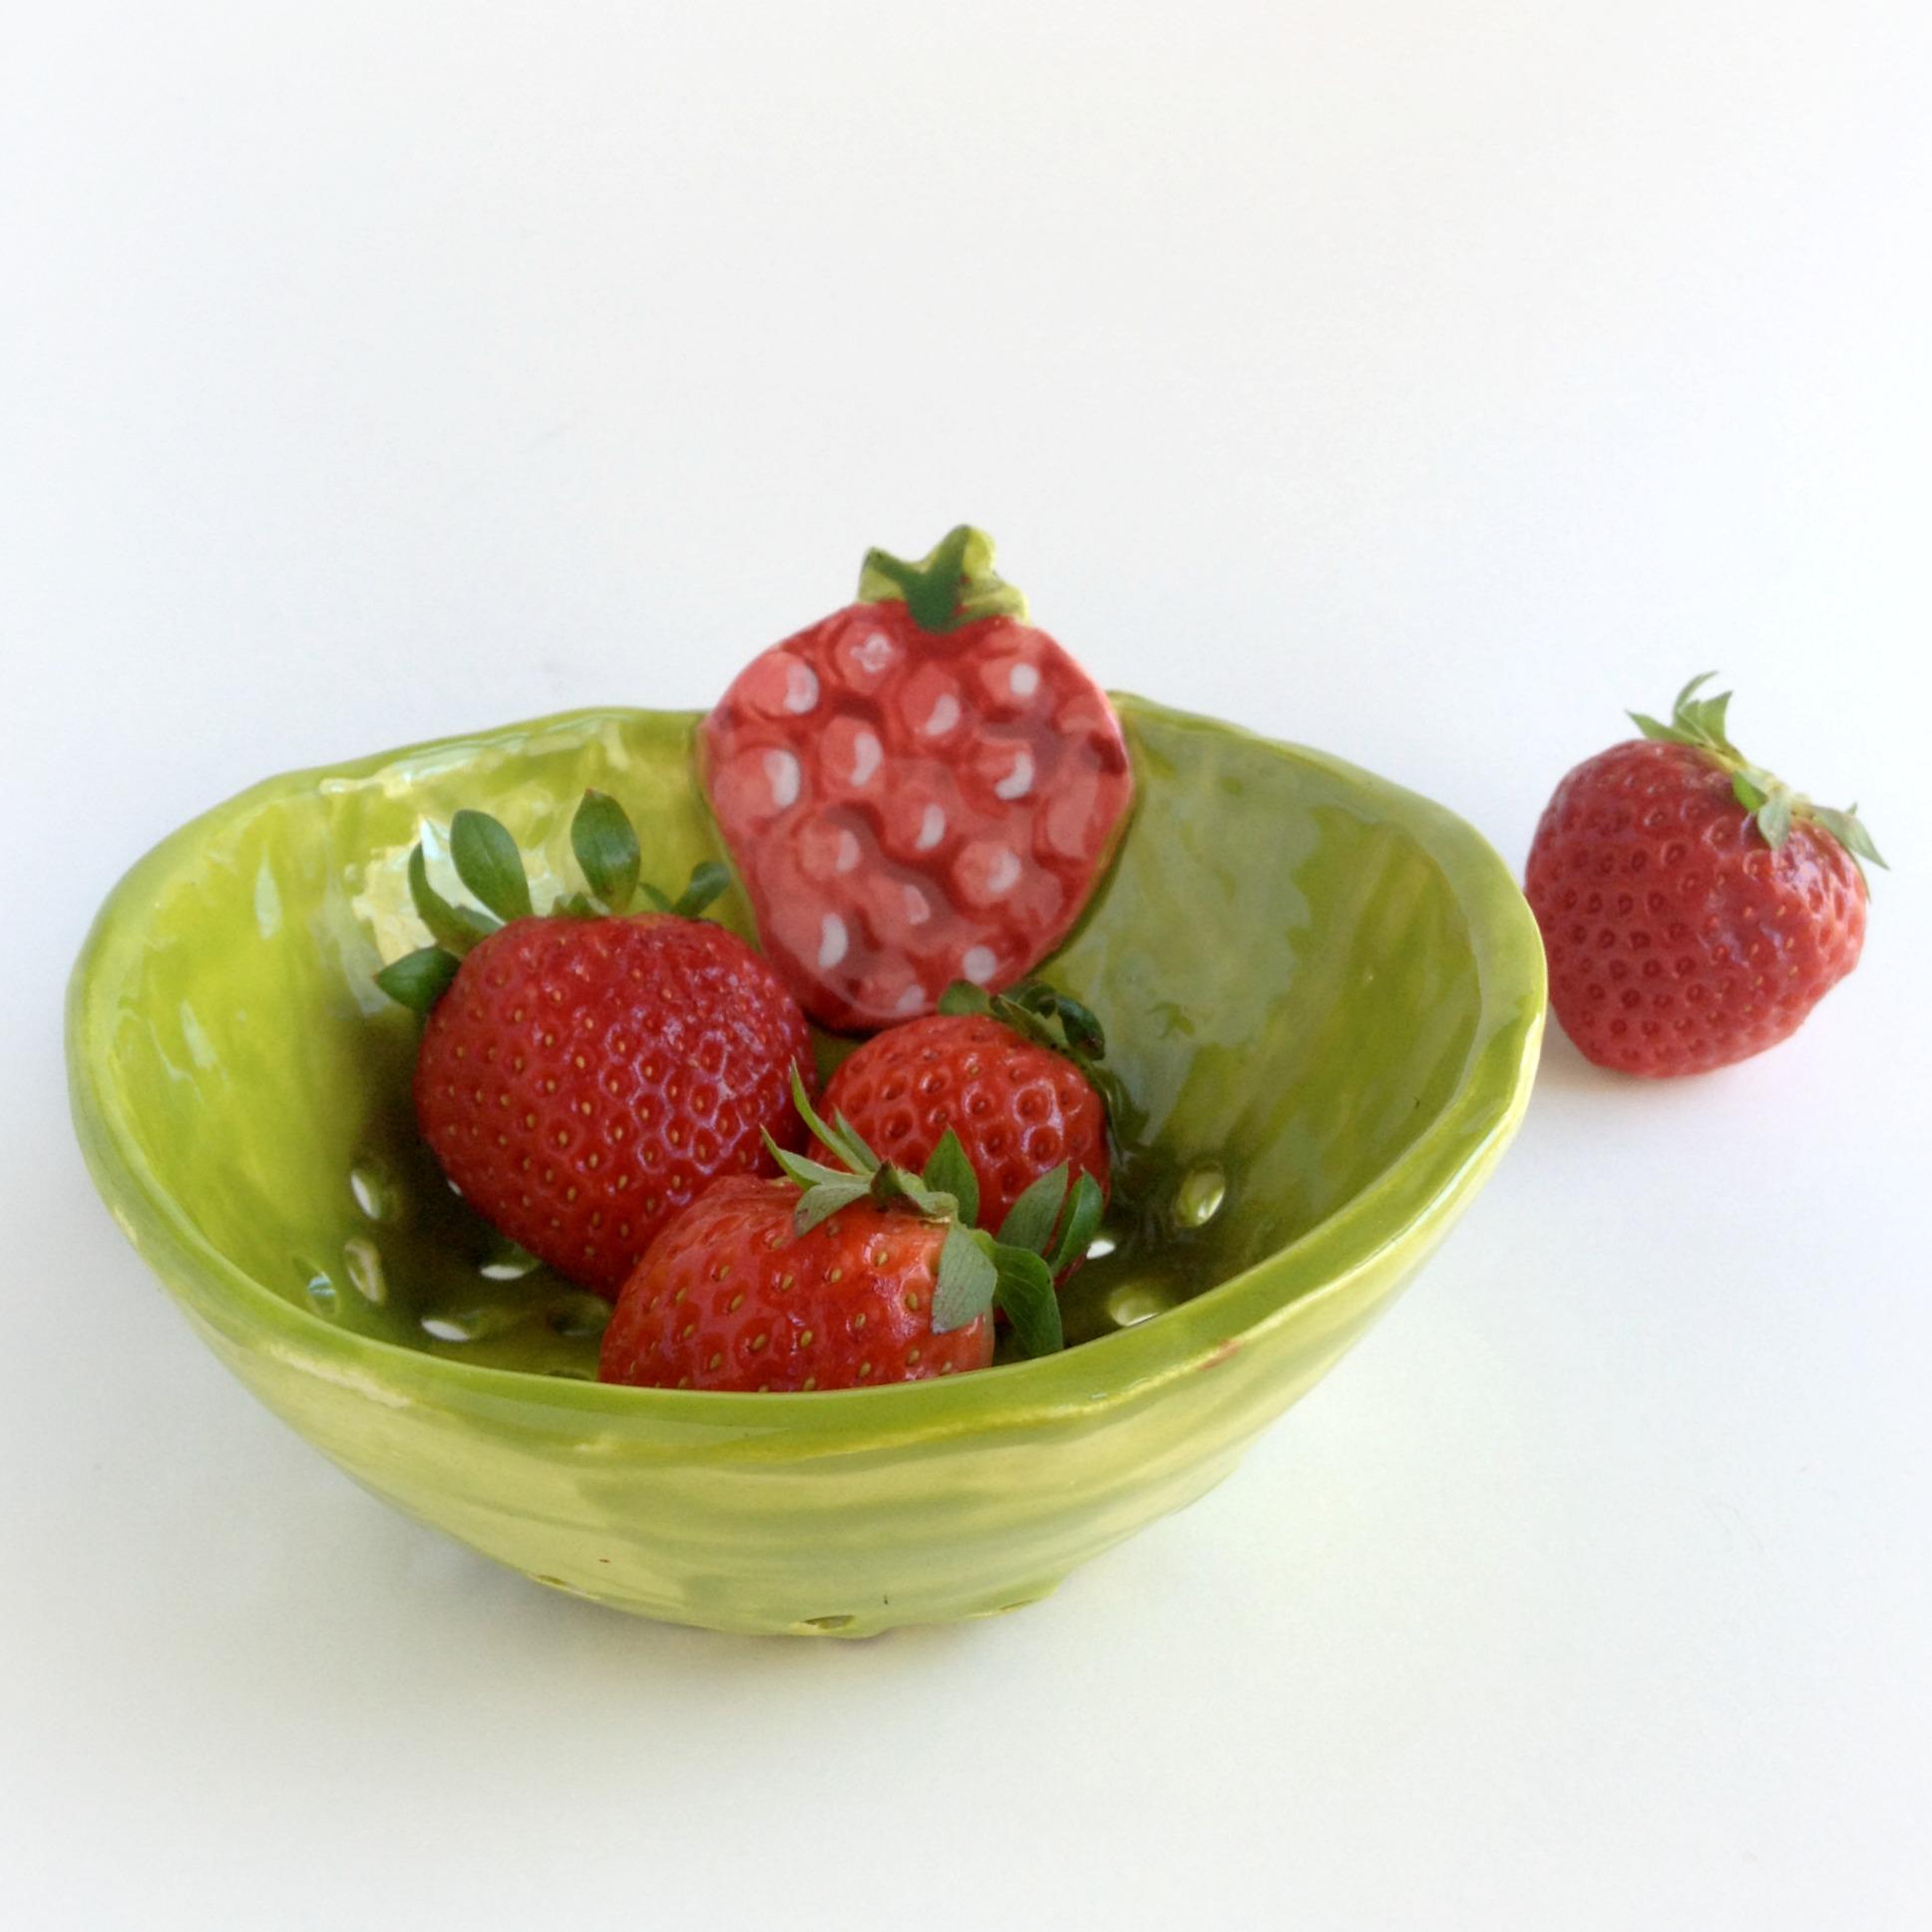 handmade ceramic colander.jpg